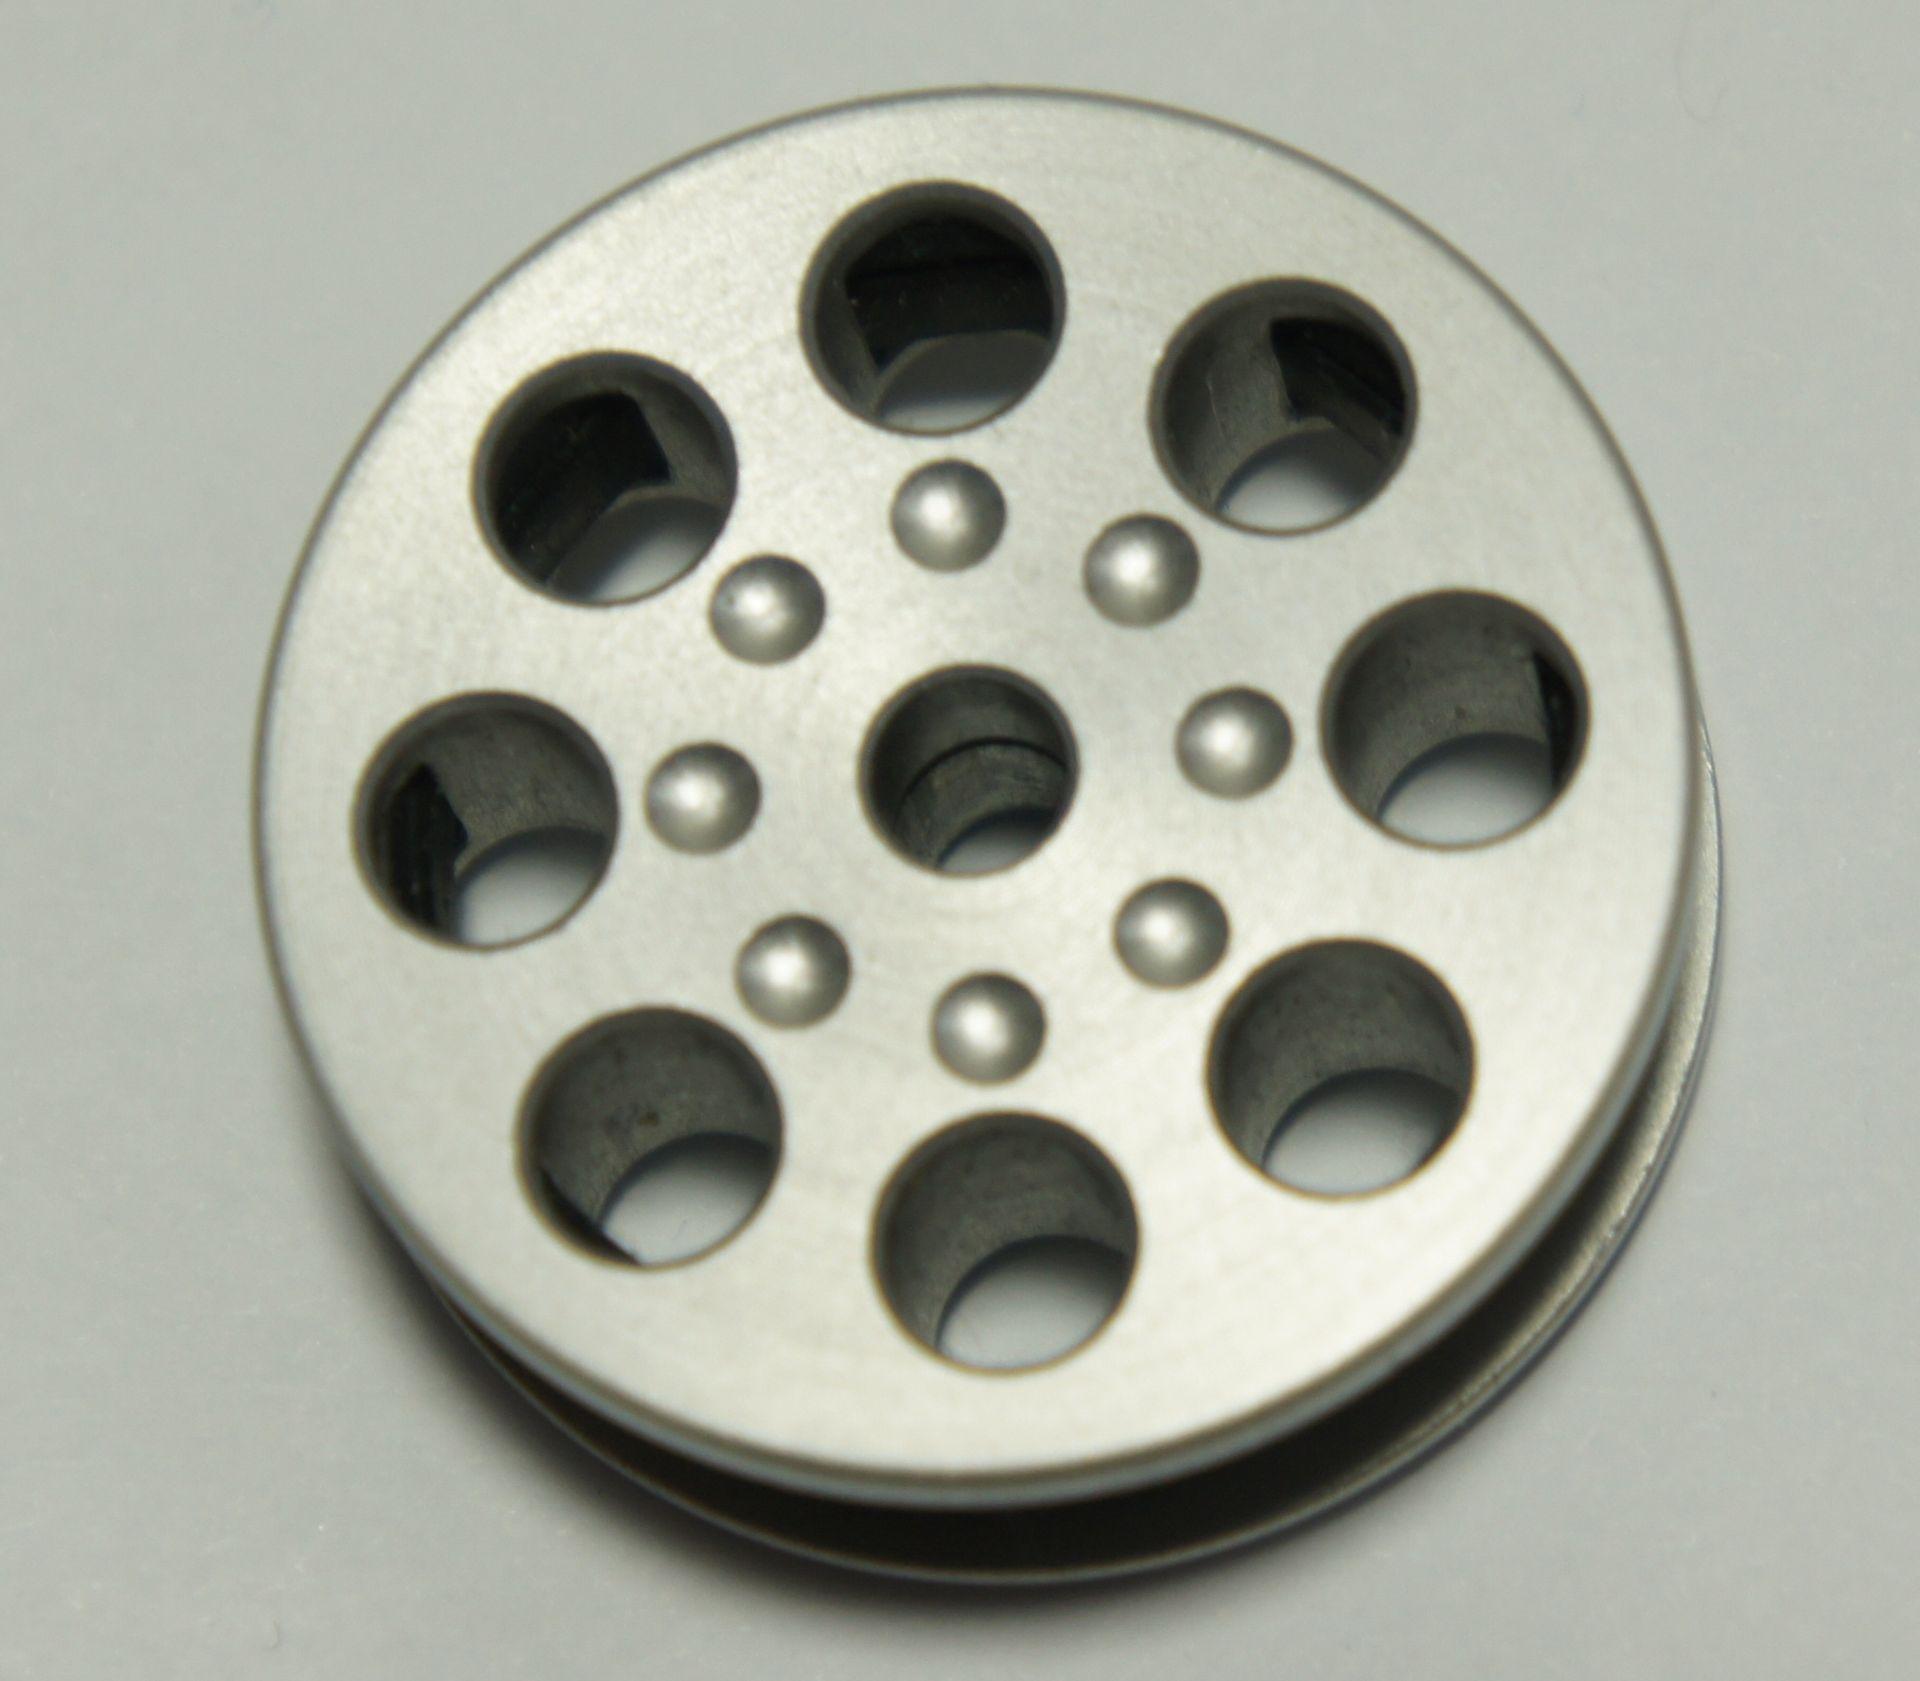 Magazin für Rotex RM8 aus Alu Kaliber 4,5mm